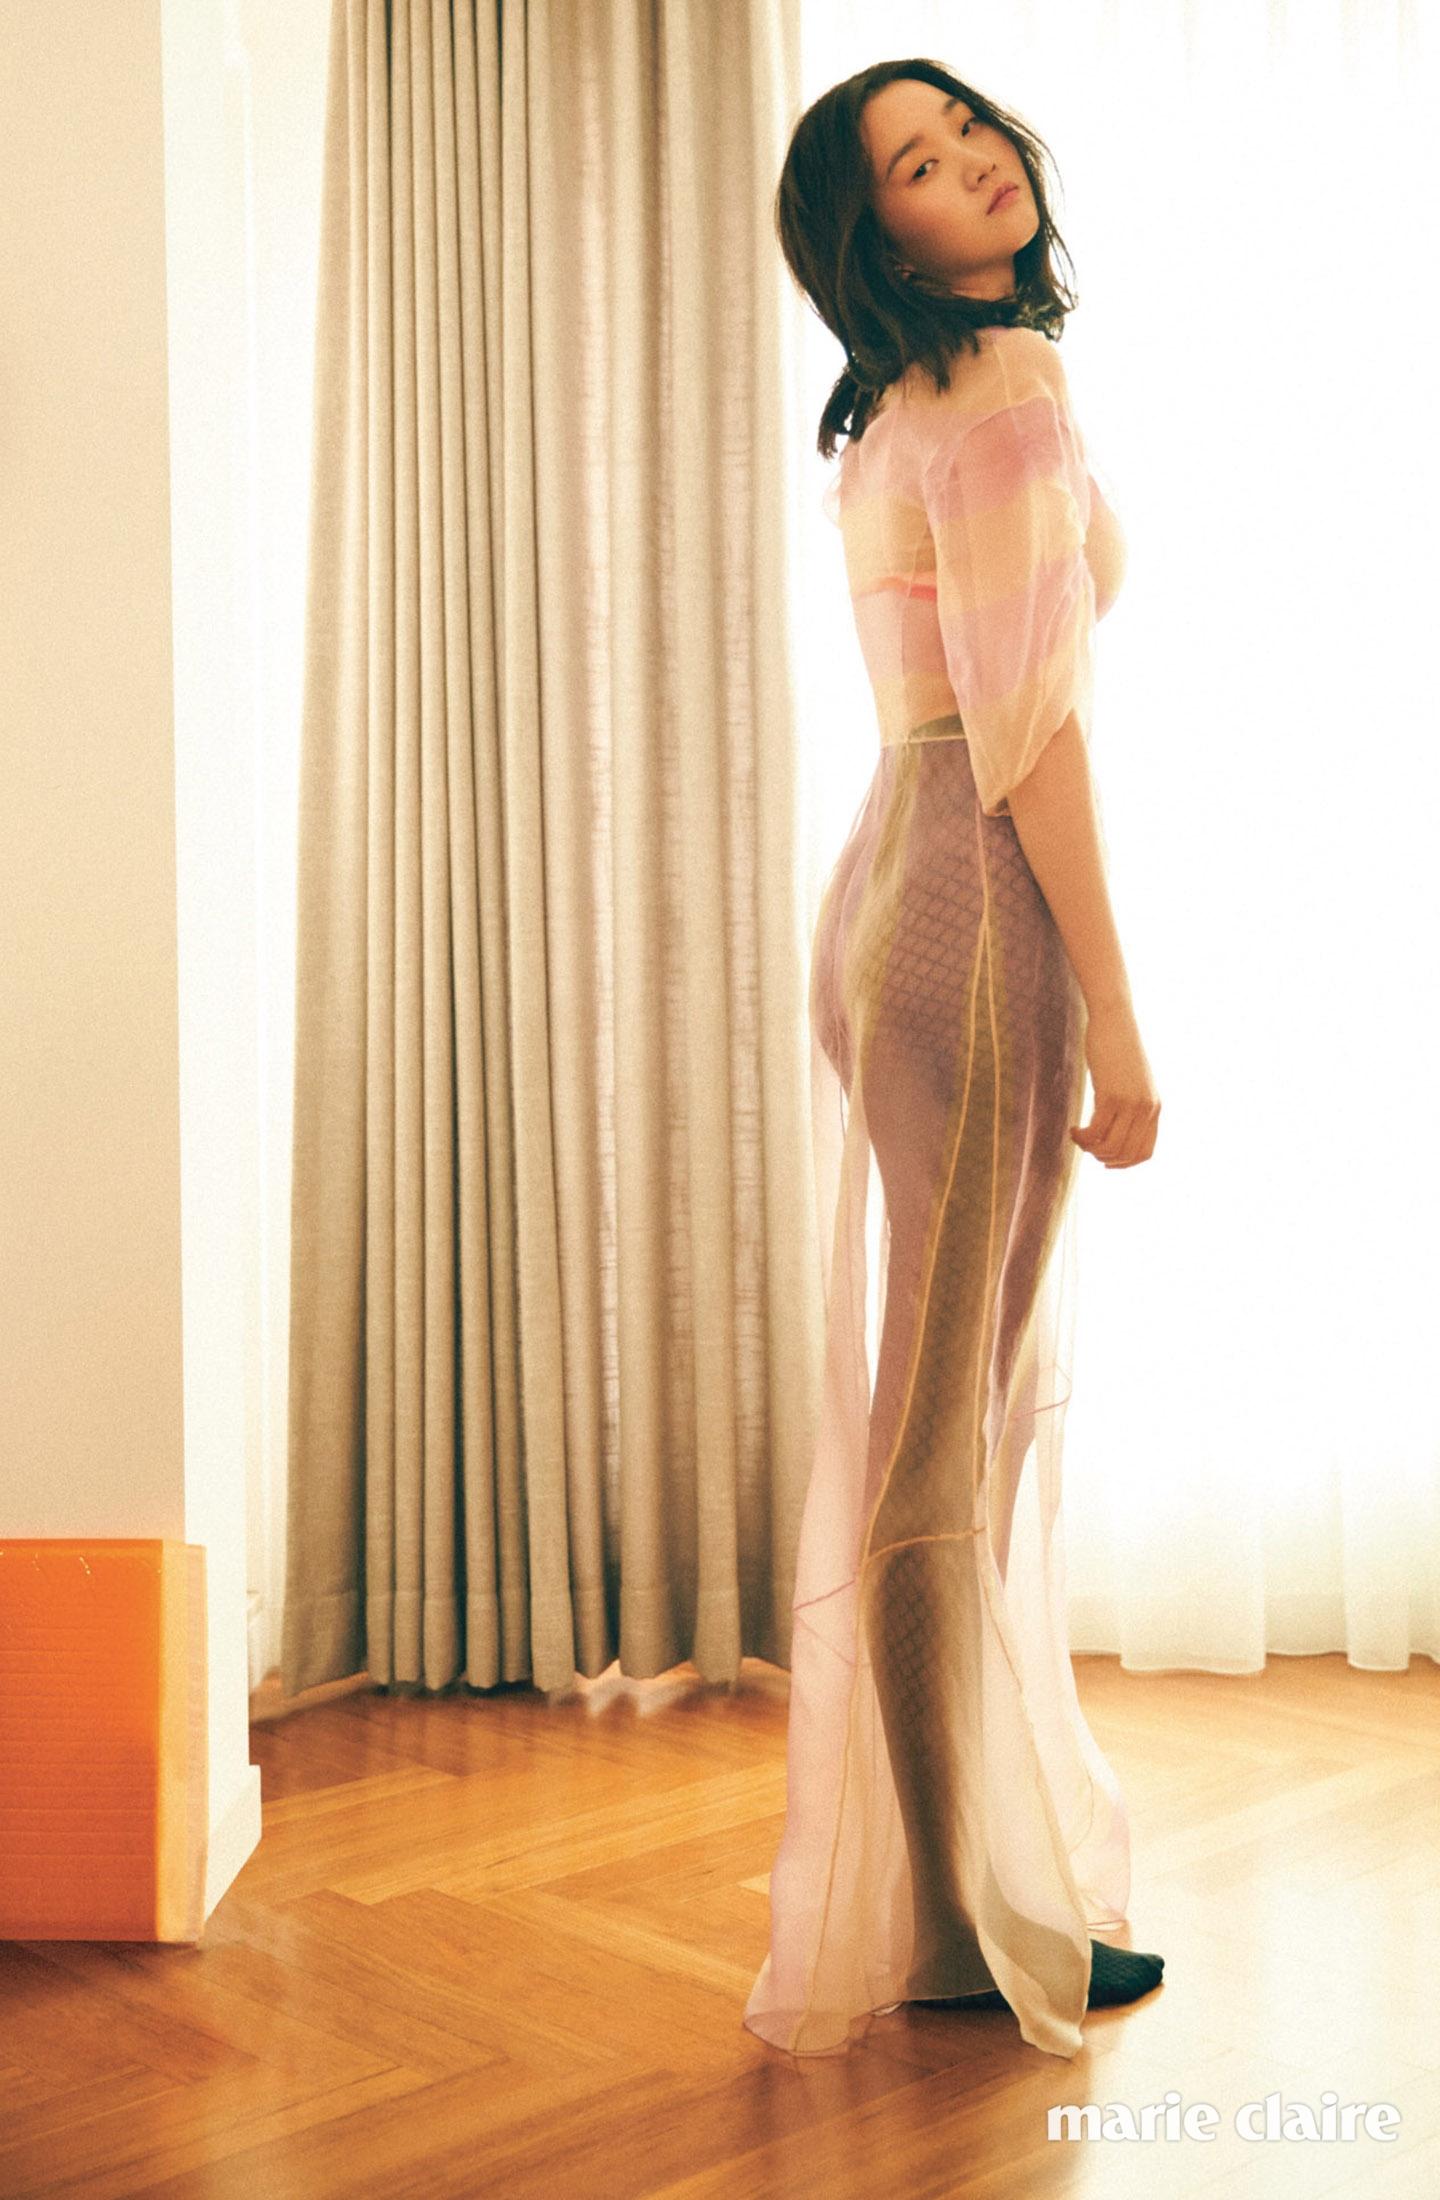 장윤주 화보 - 마리끌레르 2016년, 핑크 톤 오간자 드레스 가격 미정 디올(Dior), 코럴 핑크 언더웨어 4만9천원 코스(COS), 블랙 피시넷 스타킹 7만6천원 월포드(Wolford).